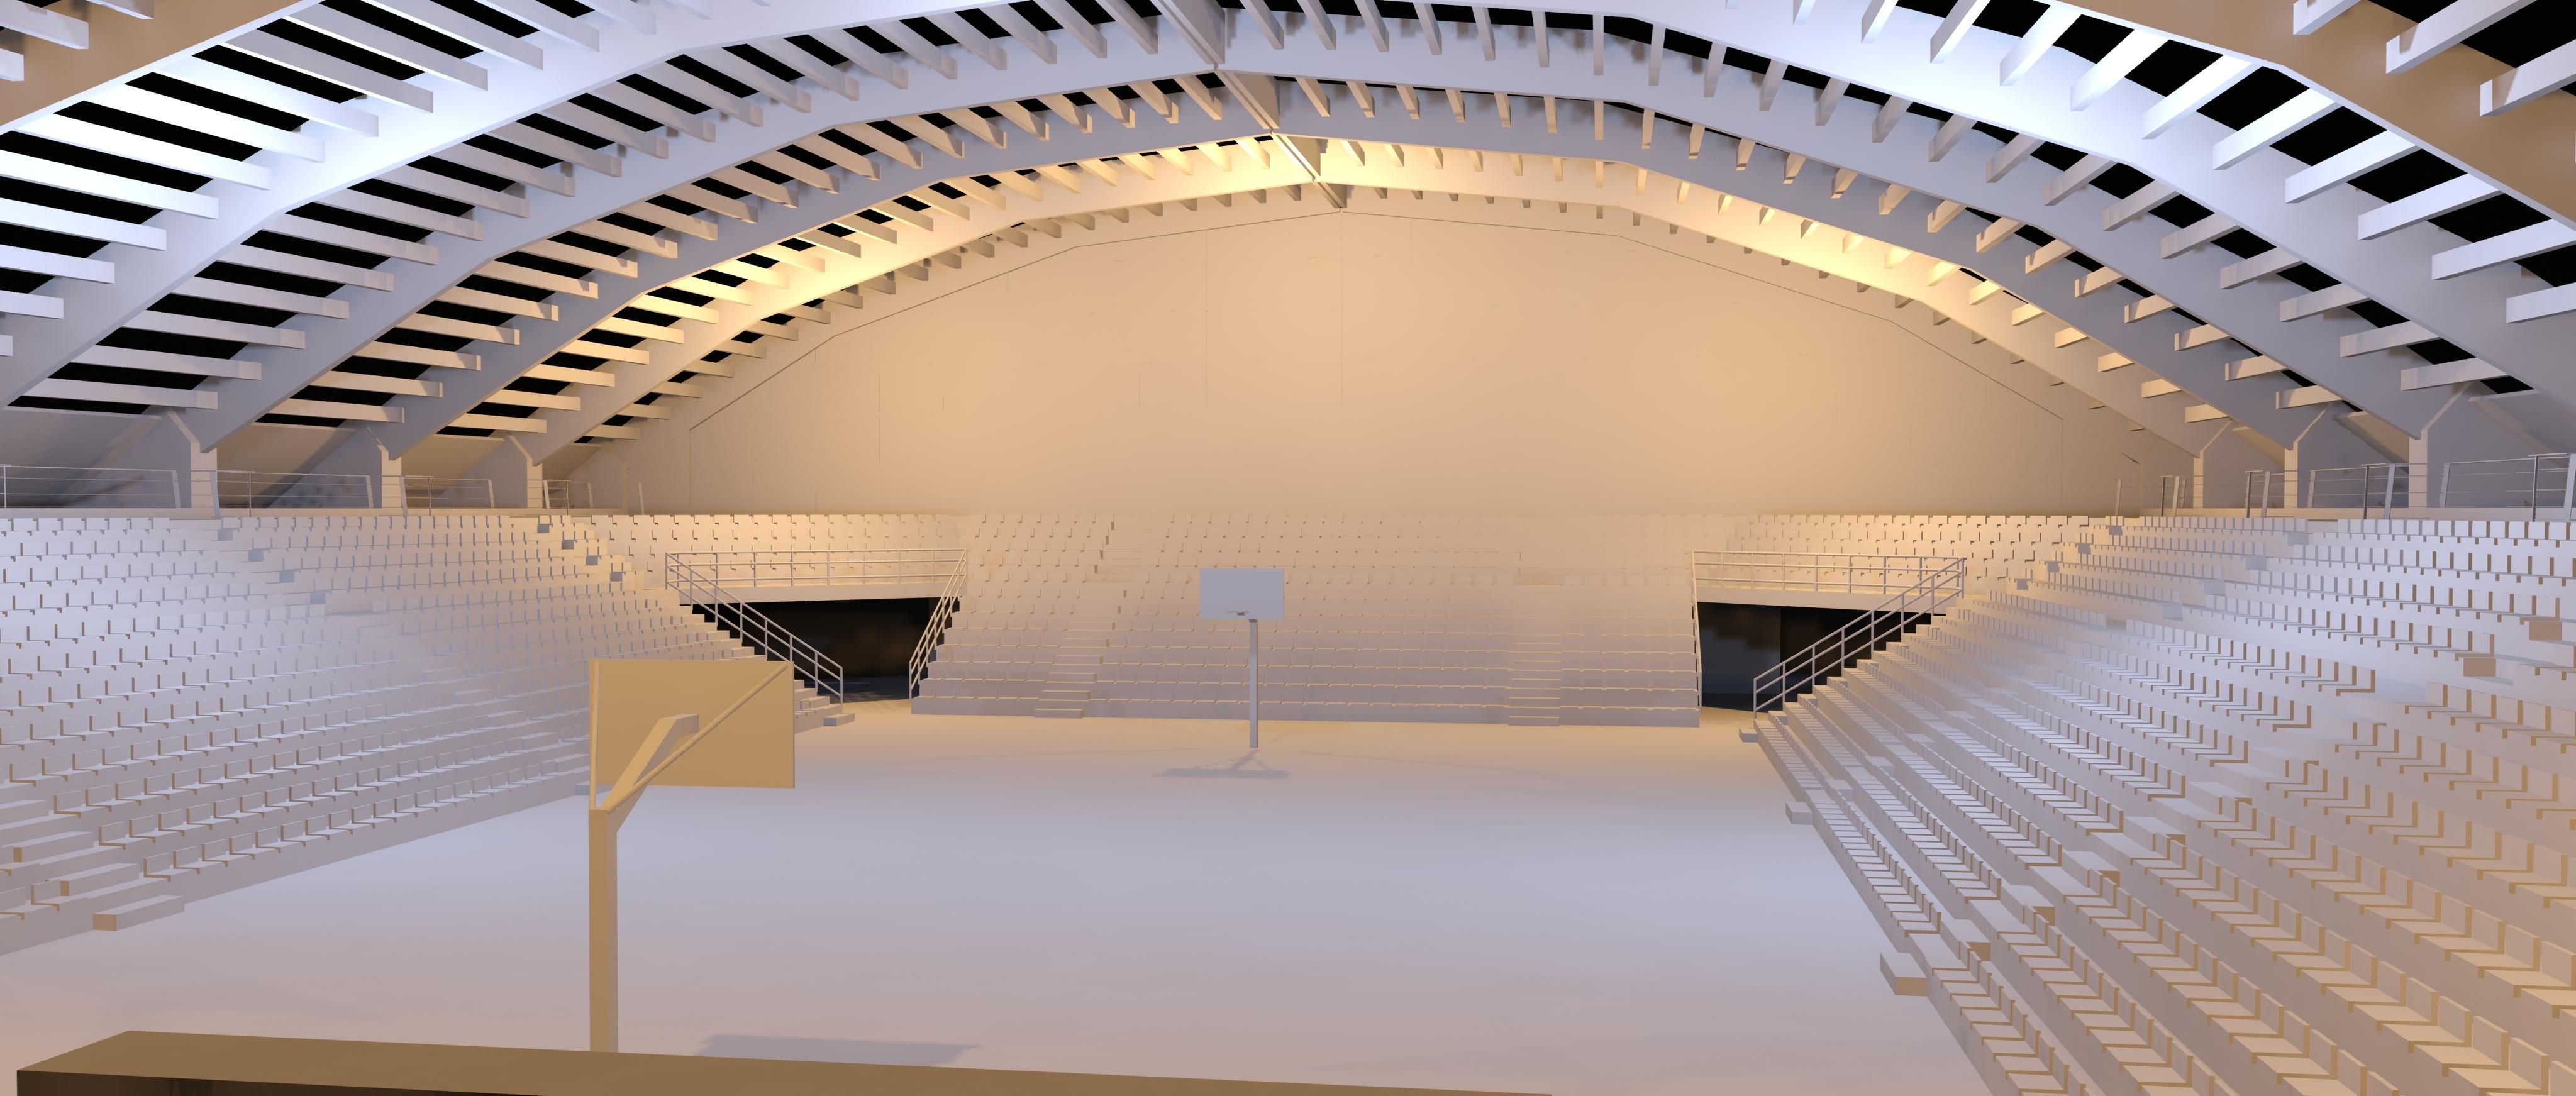 Concept architettonico - fig.5